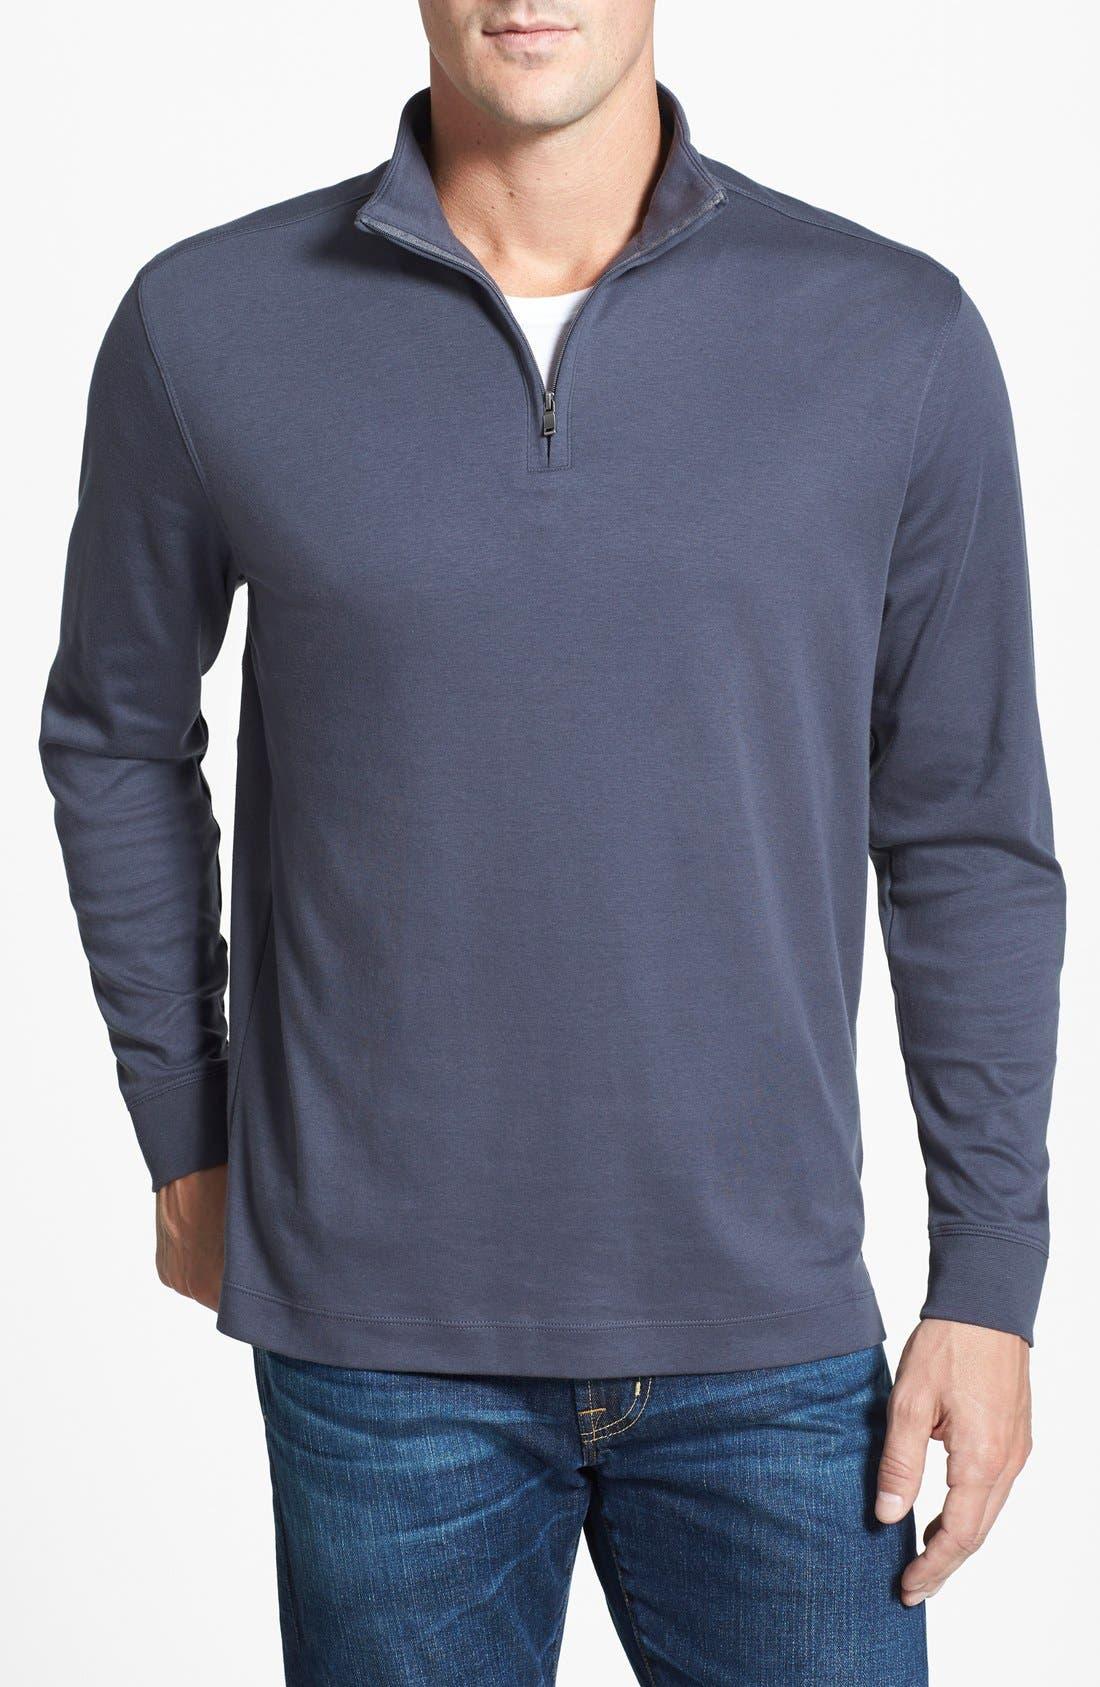 'Belfair' Quarter Zip Pima Cotton Pullover,                             Main thumbnail 1, color,                             051